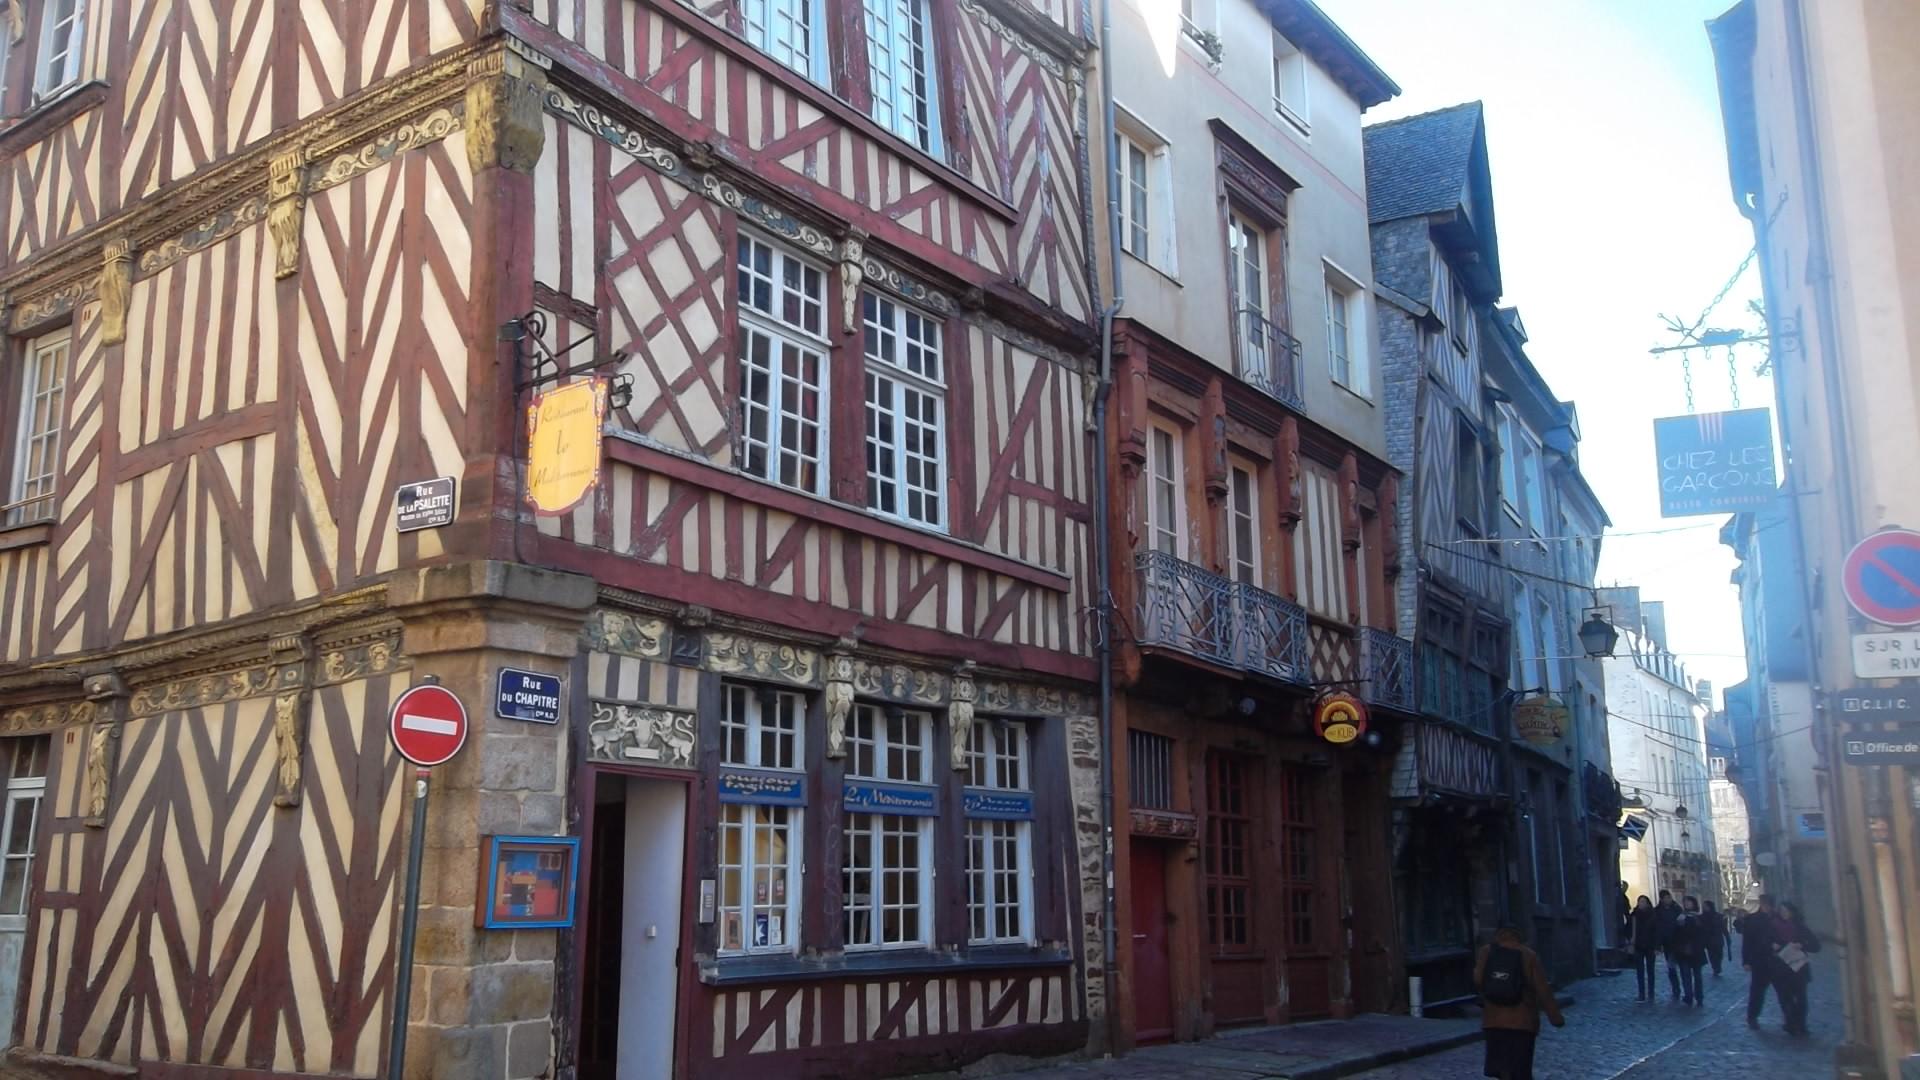 rennes-rue-du-chapitre-maisons-en-bois-dec13